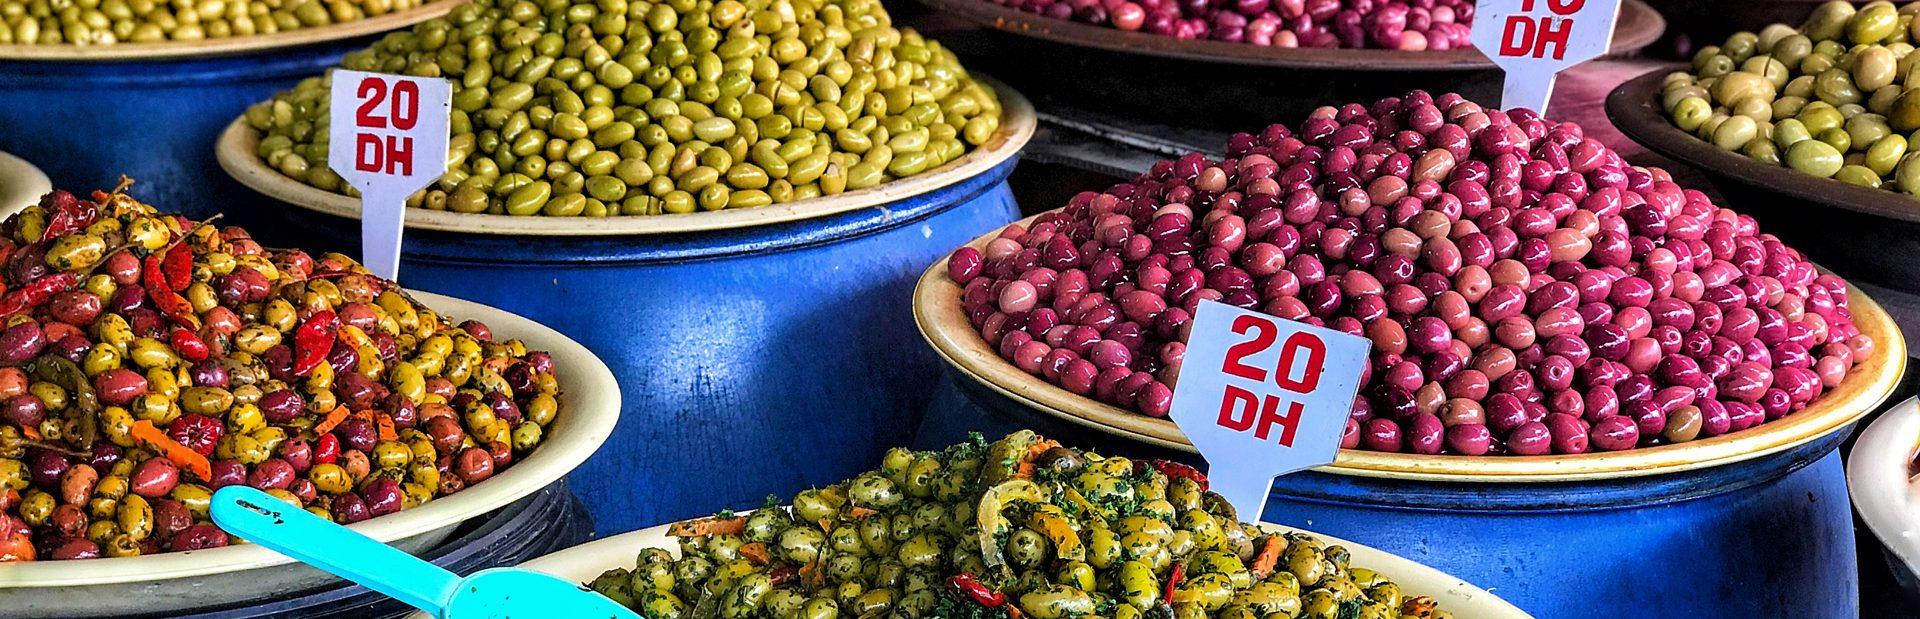 Eat & drink in the East Mediterranean